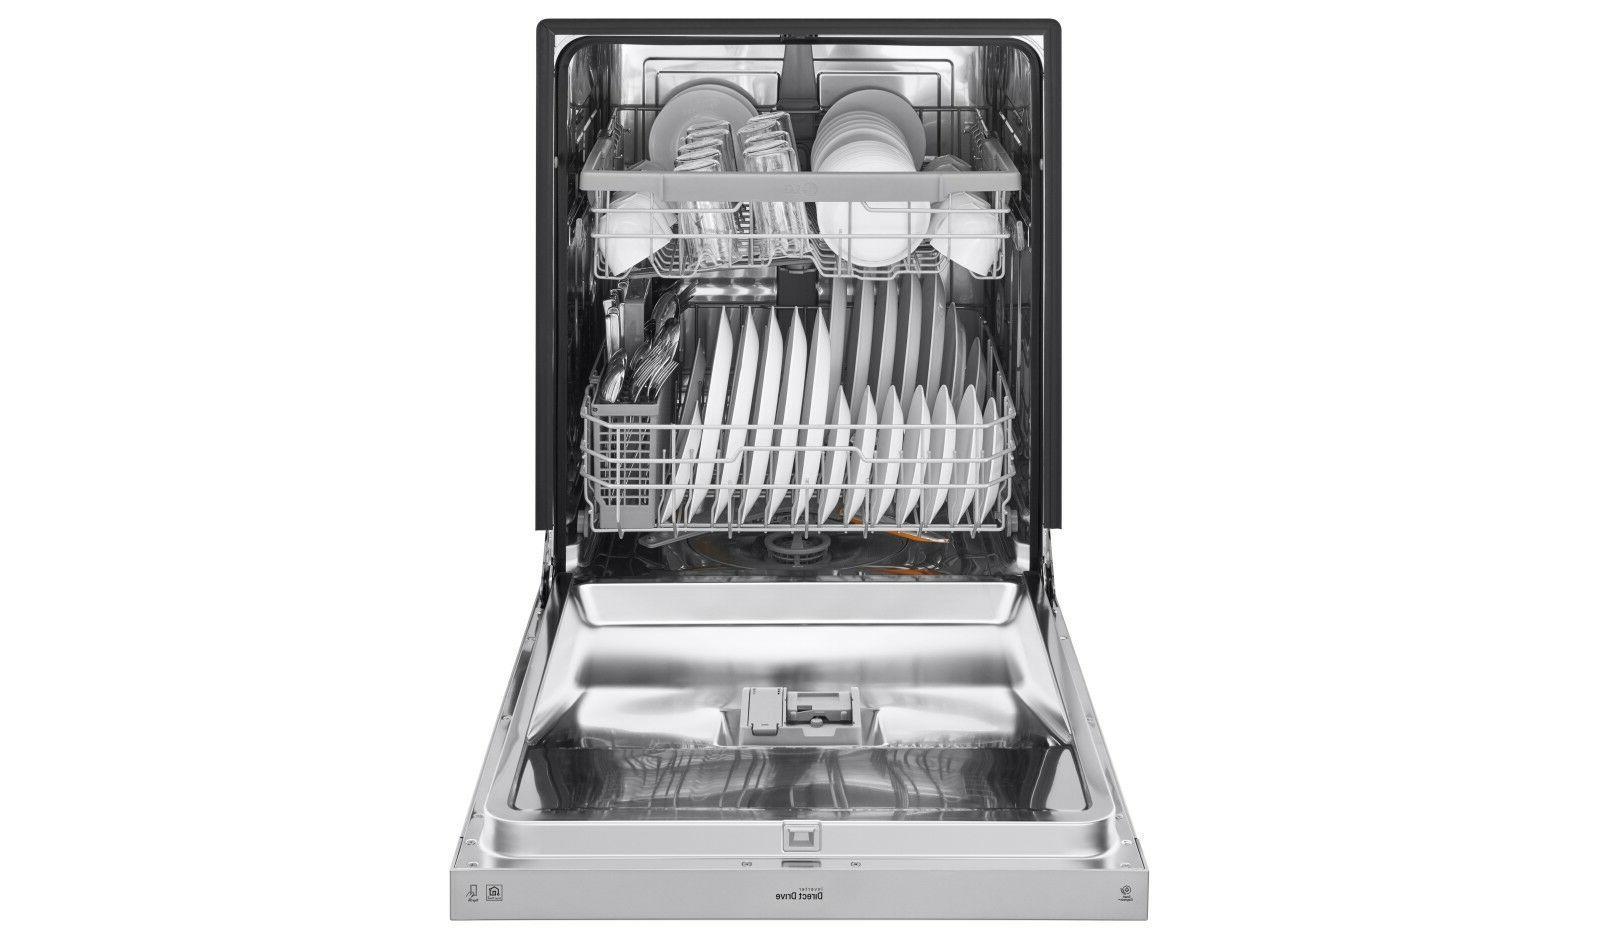 LG Front Dishwasher & Plus/NEW